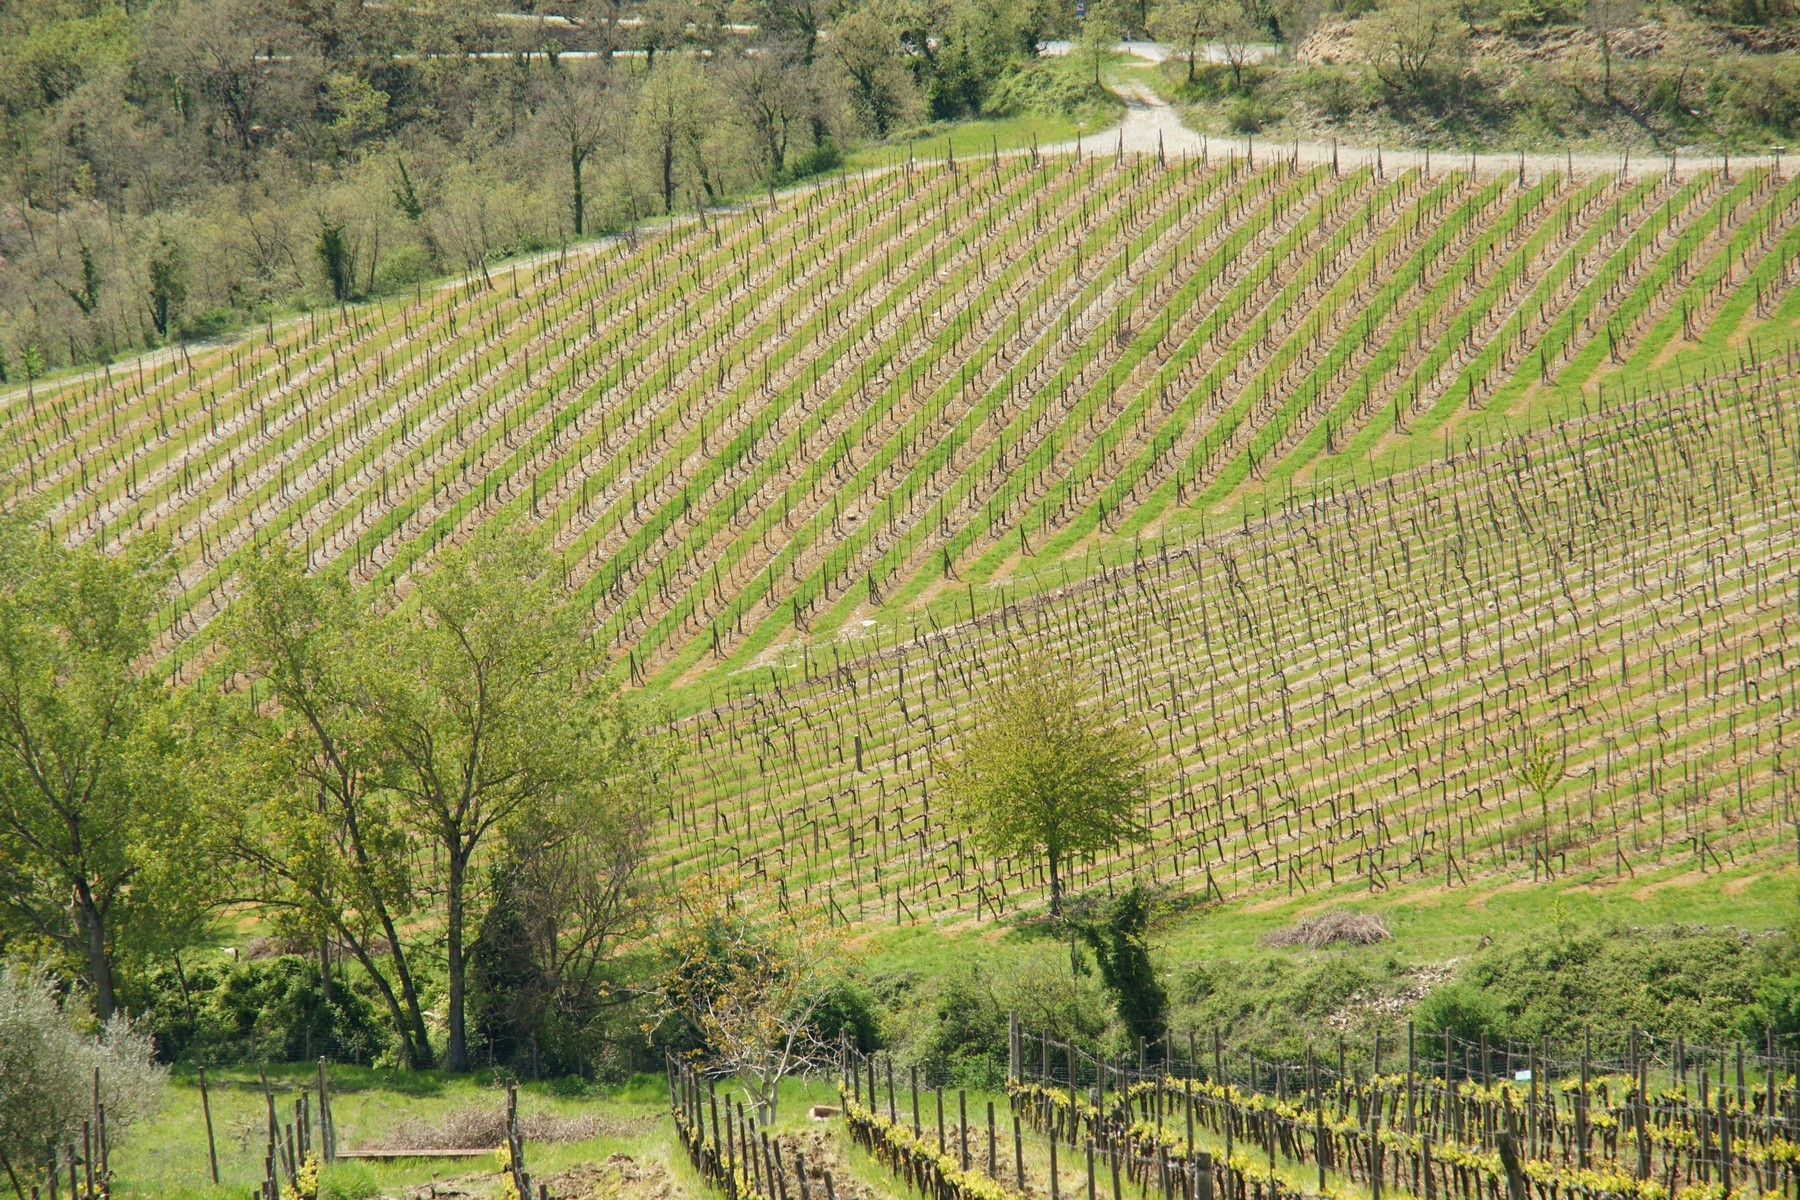 Rustico in Vendita a Gaiole In Chianti: 5 locali, 1380 mq - Foto 8